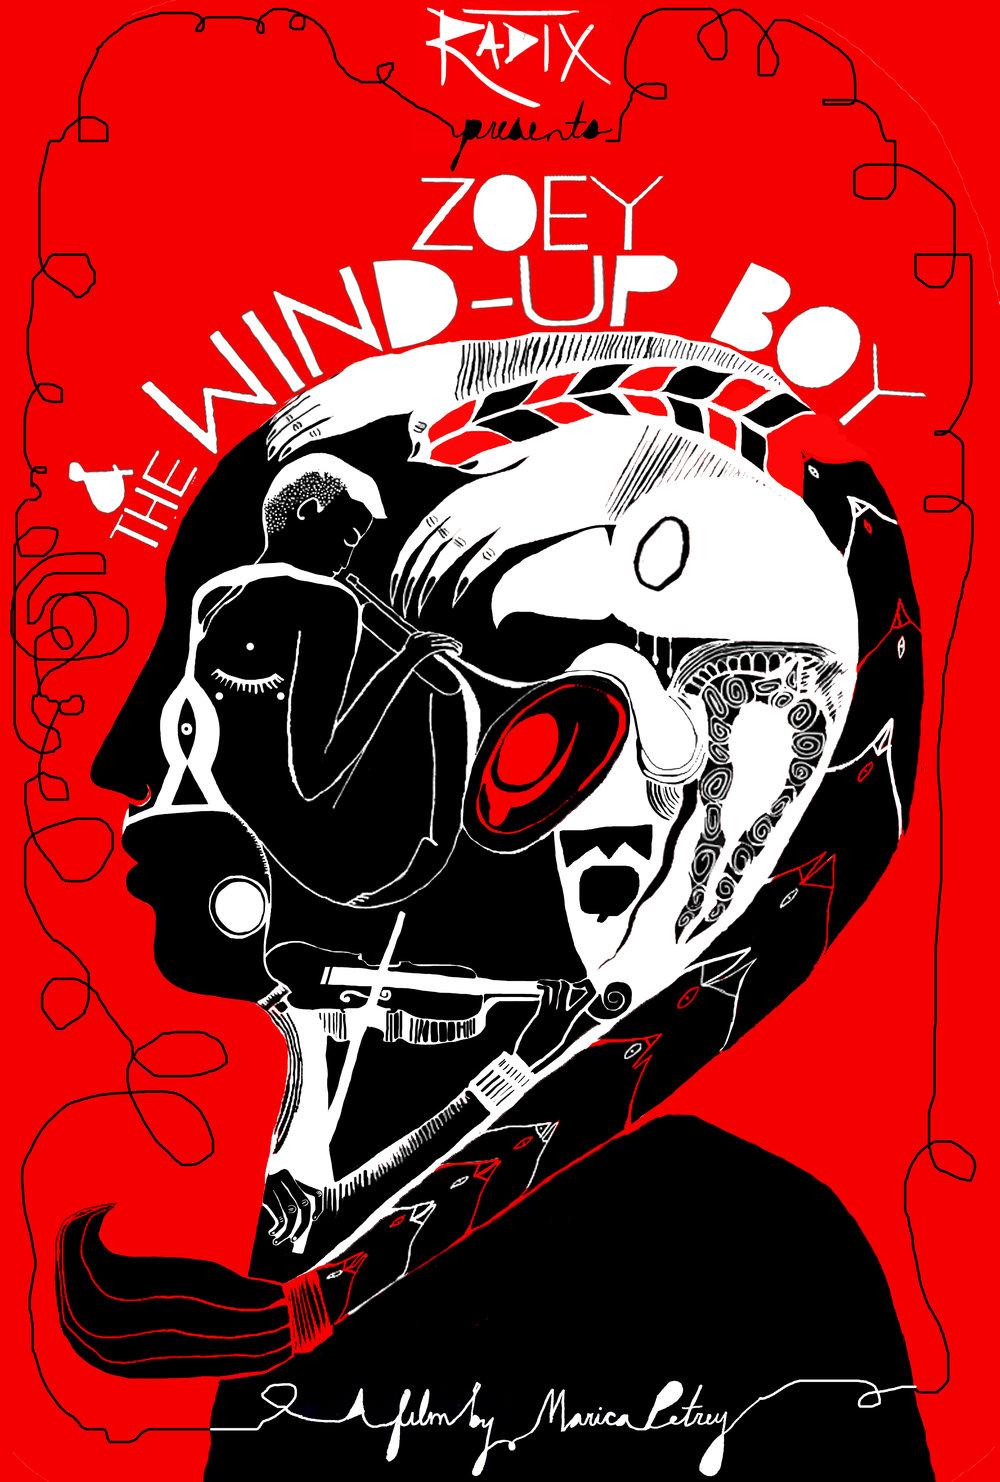 Poster Art by  mothraqueen.com